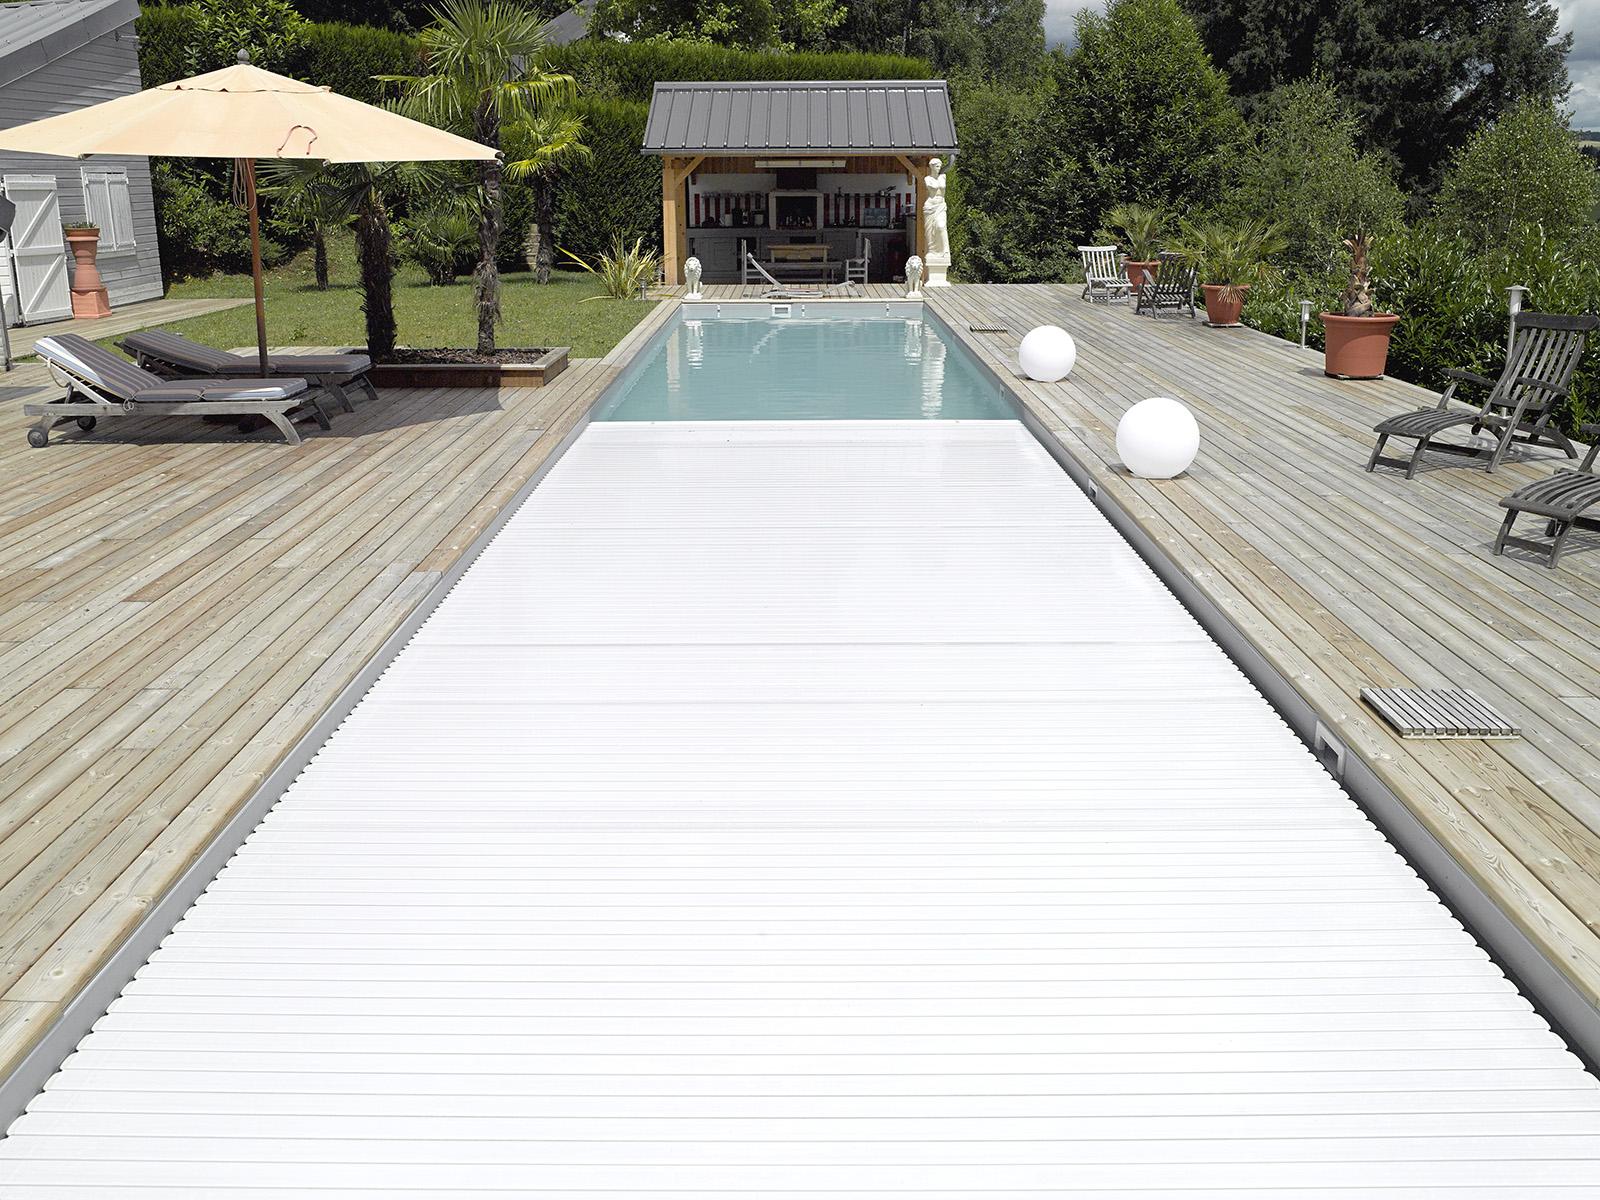 securite couloir de nage piscine brive